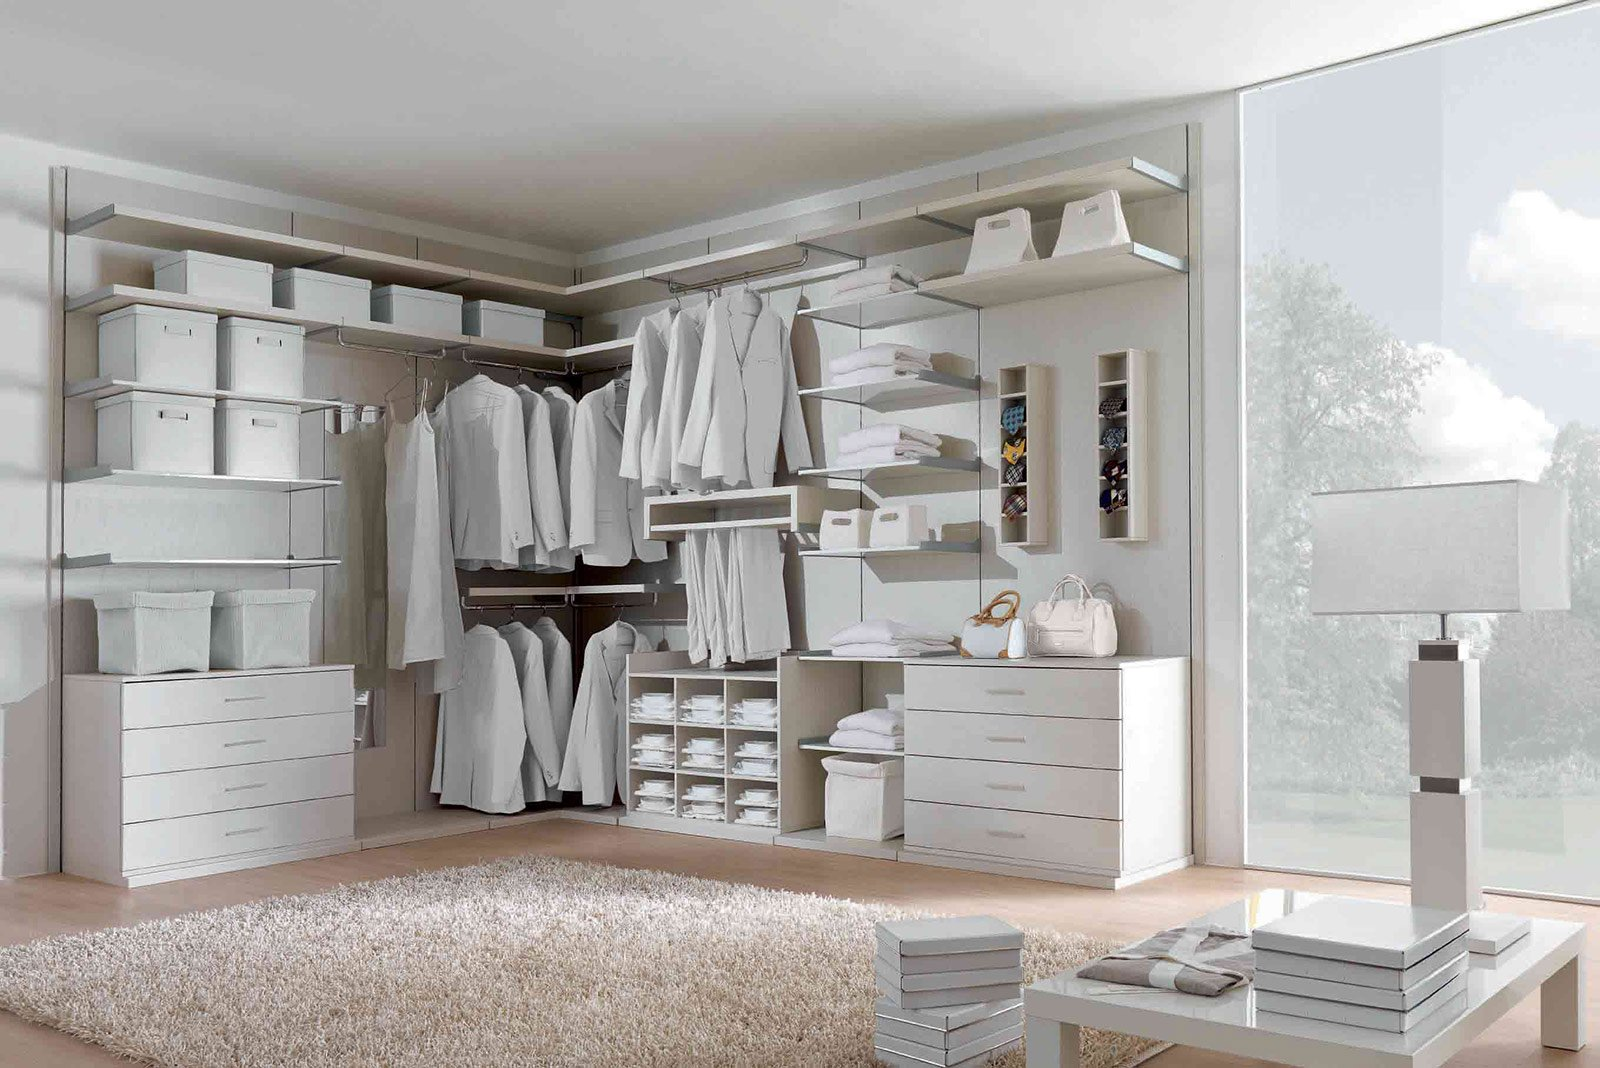 Cabine armadio progettiamo insieme lo spazio cose di casa for Armadio bagno ikea